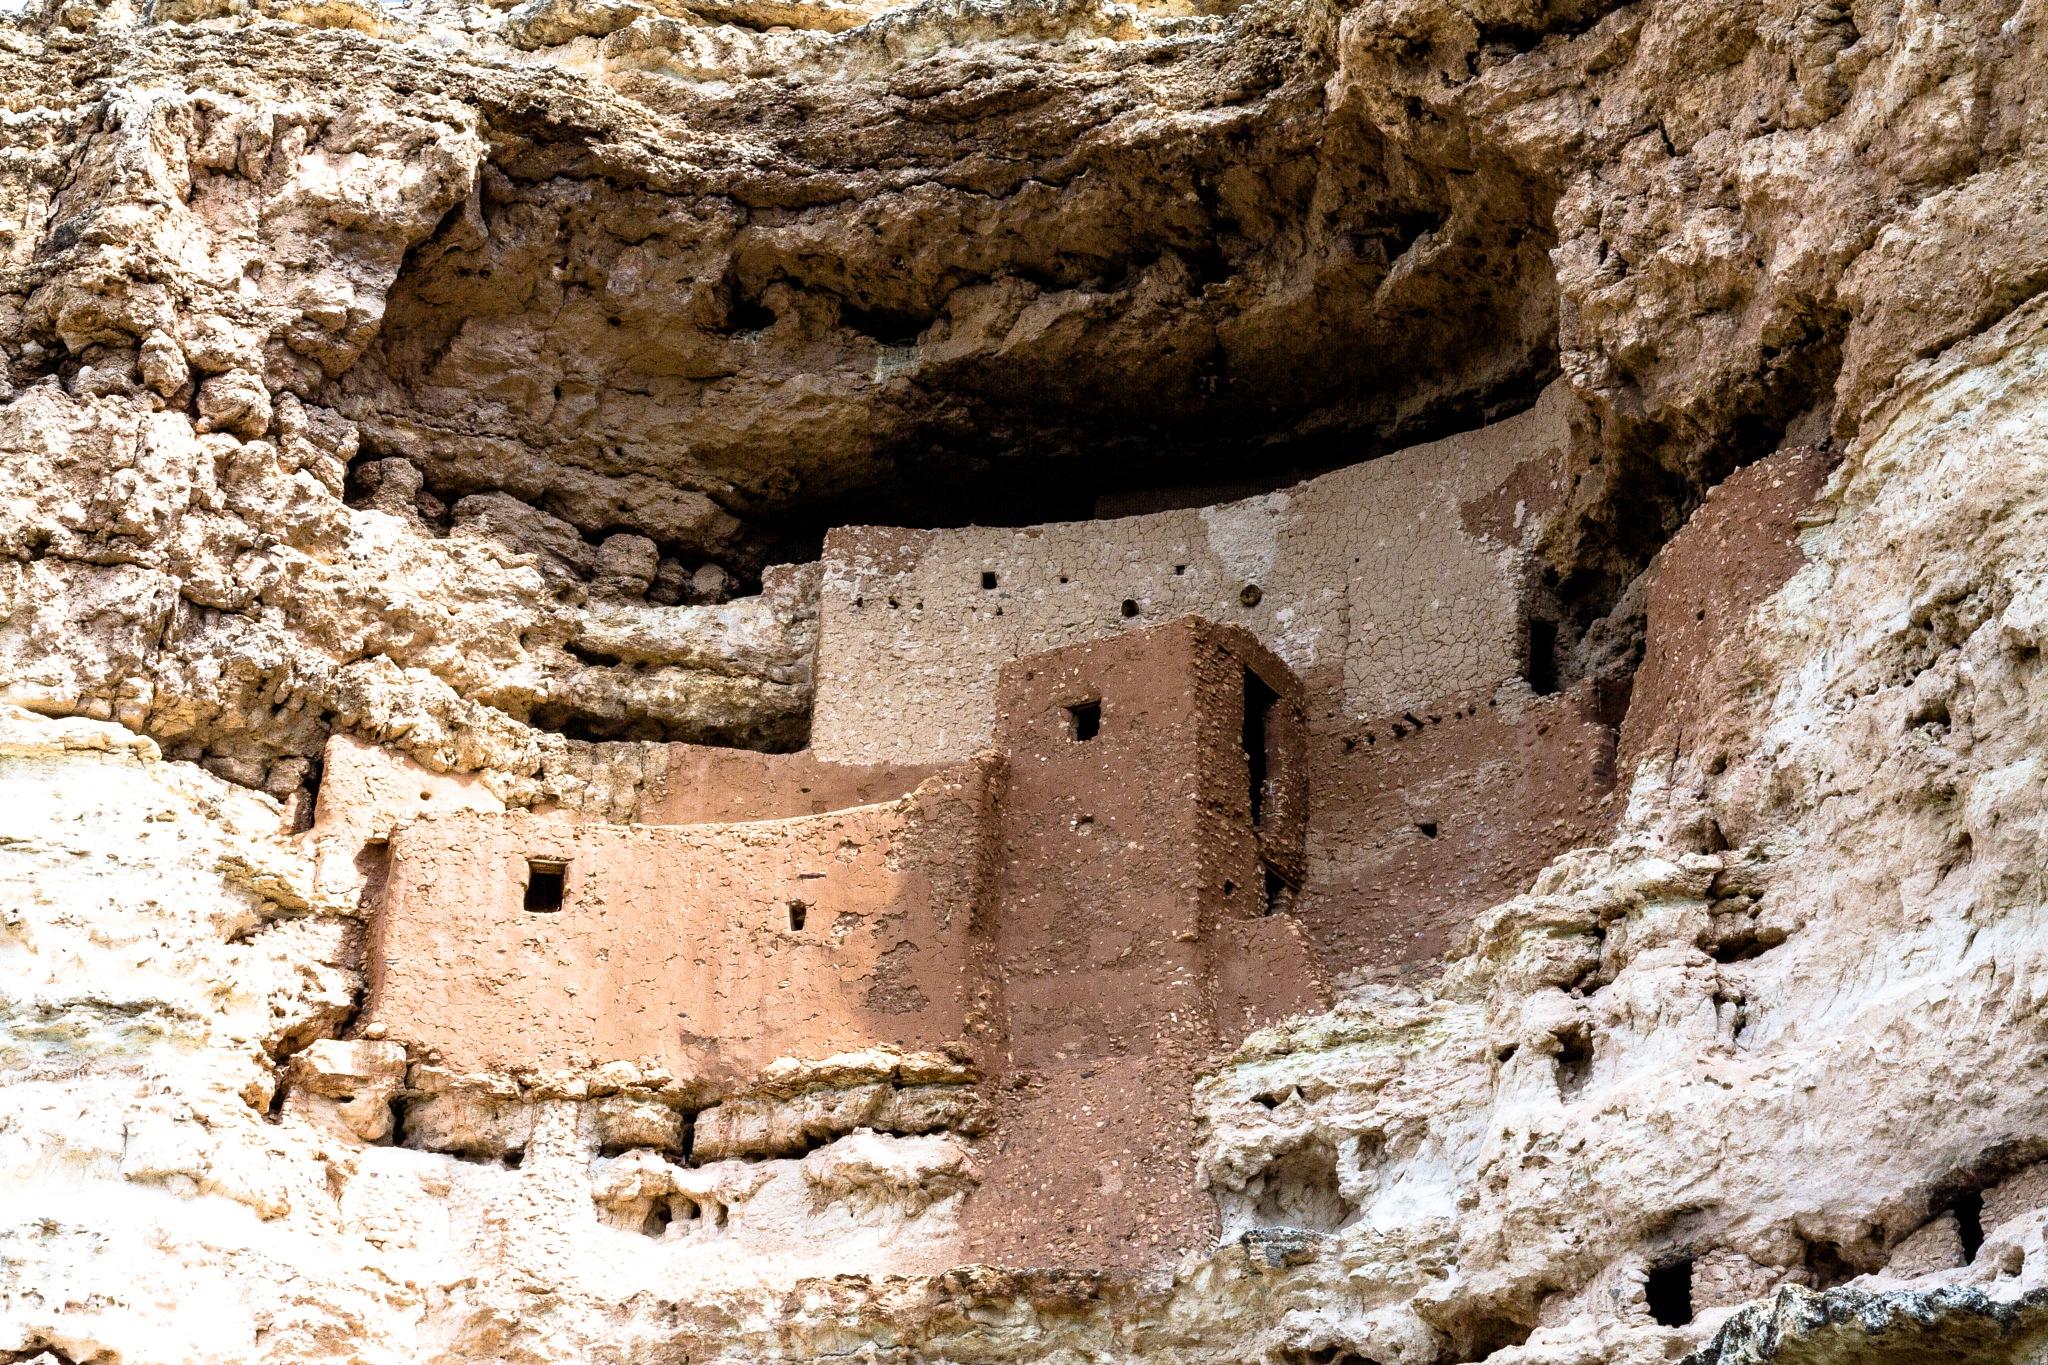 Montezuma's Castle by Ben Zion